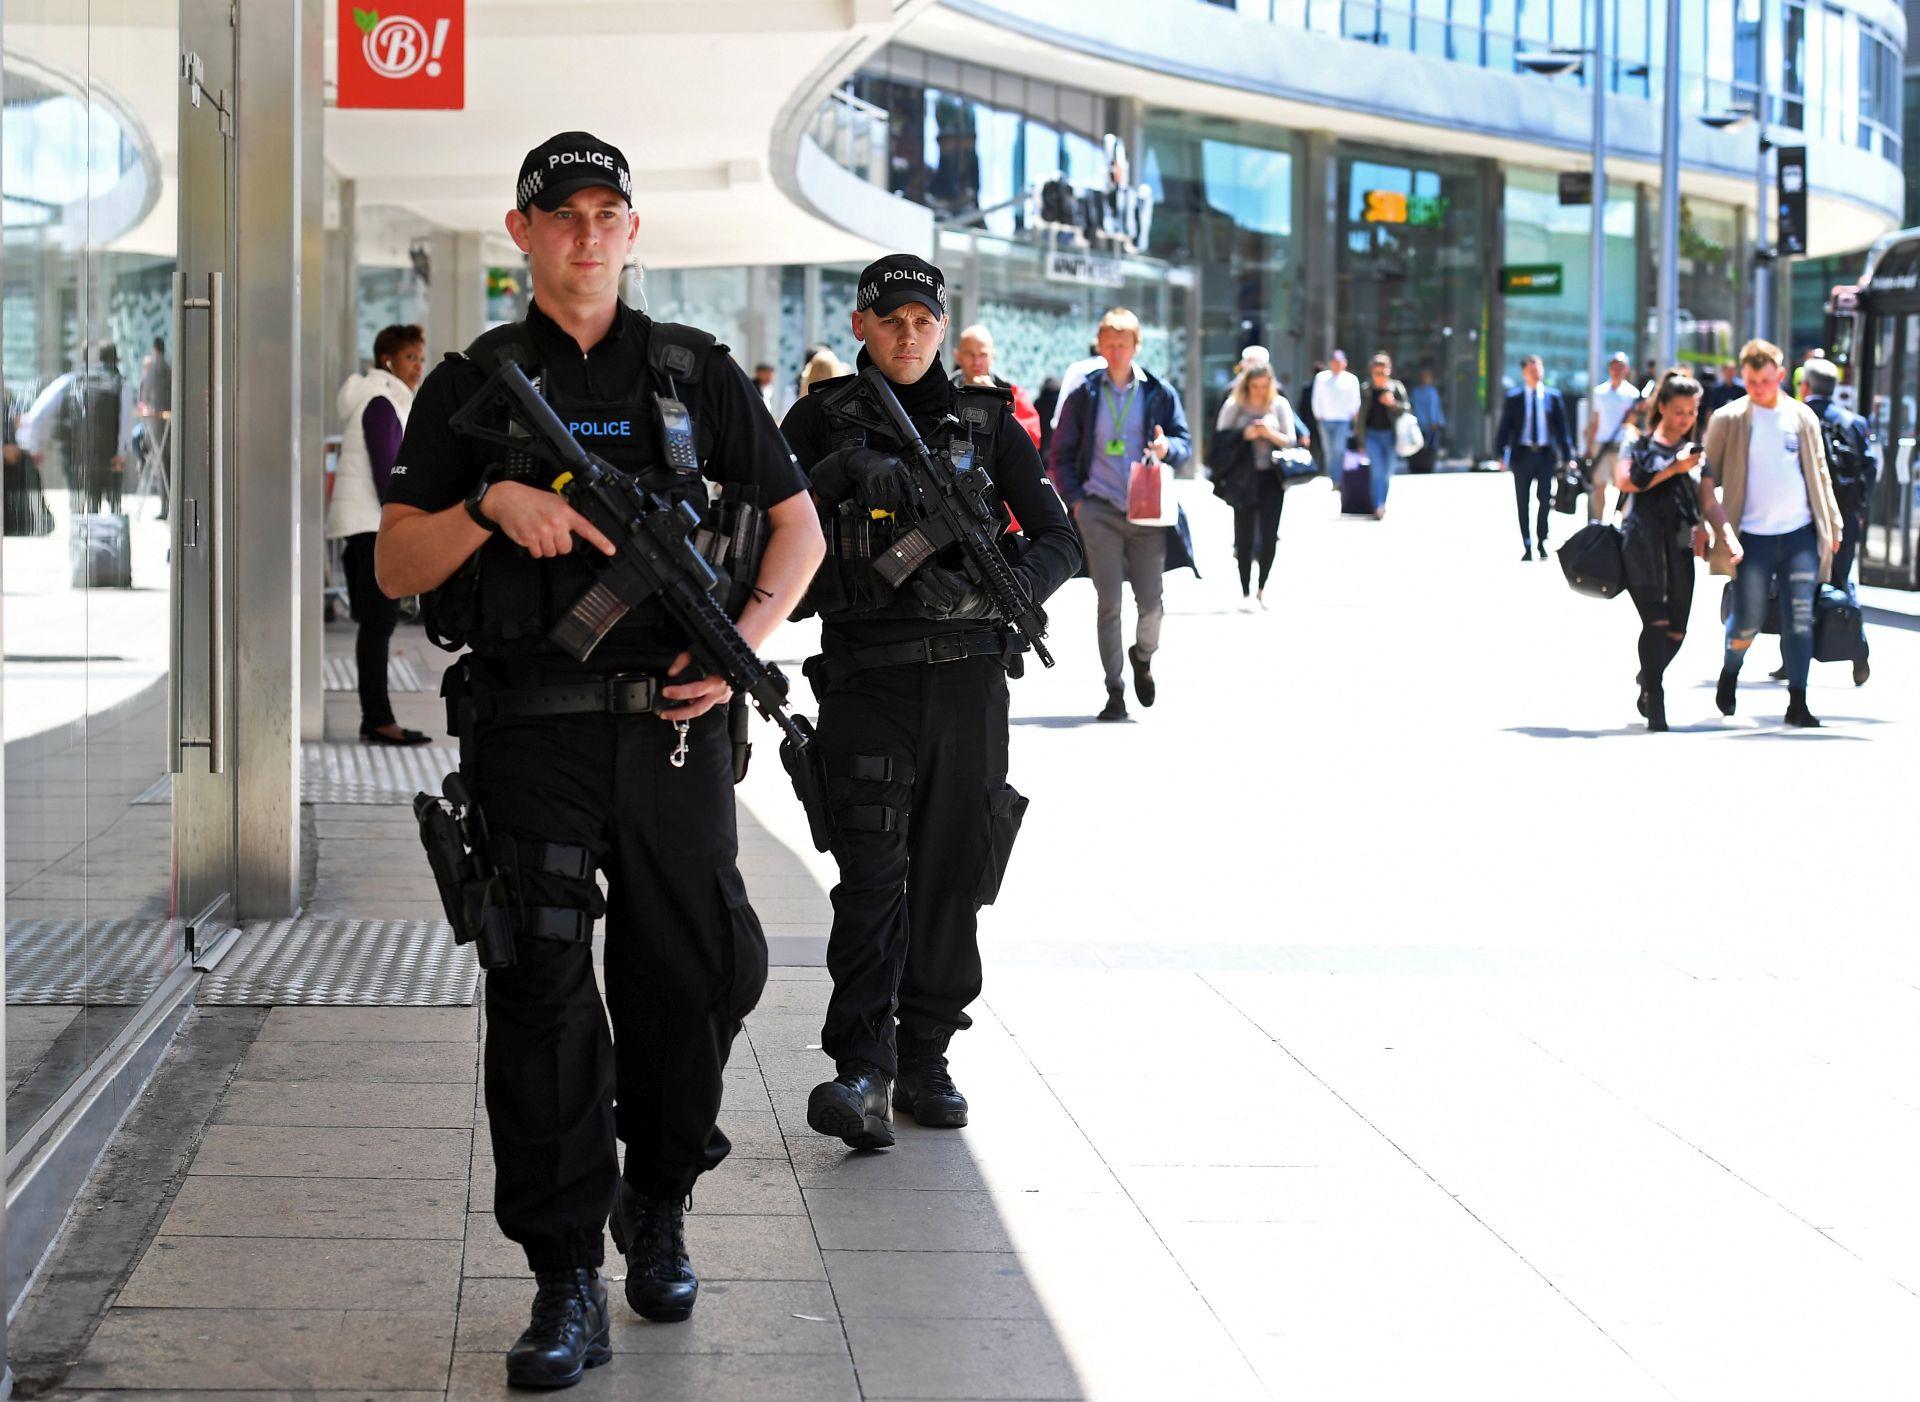 Britanija će rasporediti vojnike nakon napada, opasnost sada 'kritična'